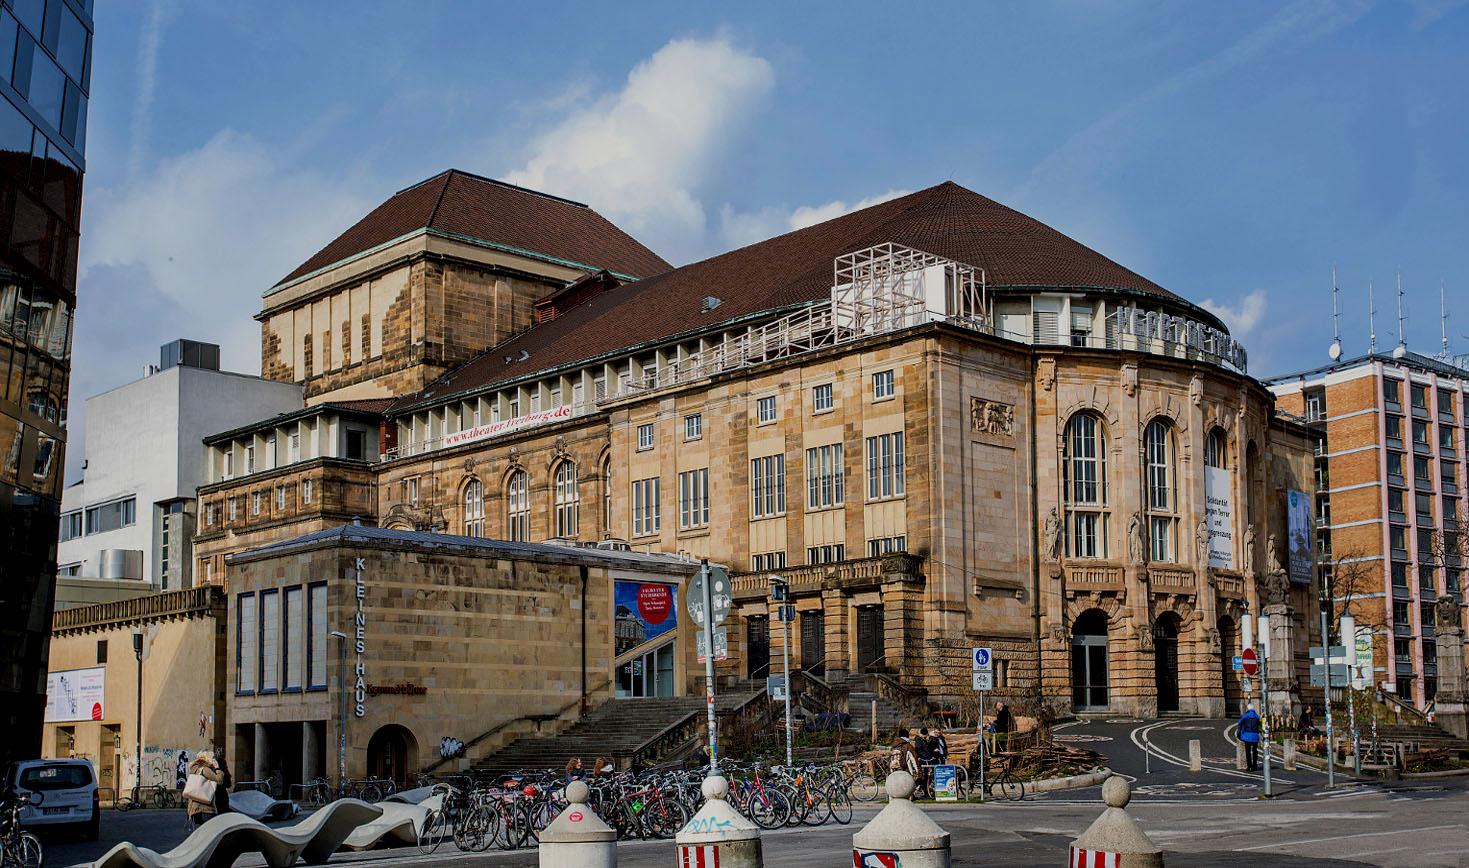 STADTBILD<br>Wiederaufgebaut<br>Stadttheater Freiburg heute